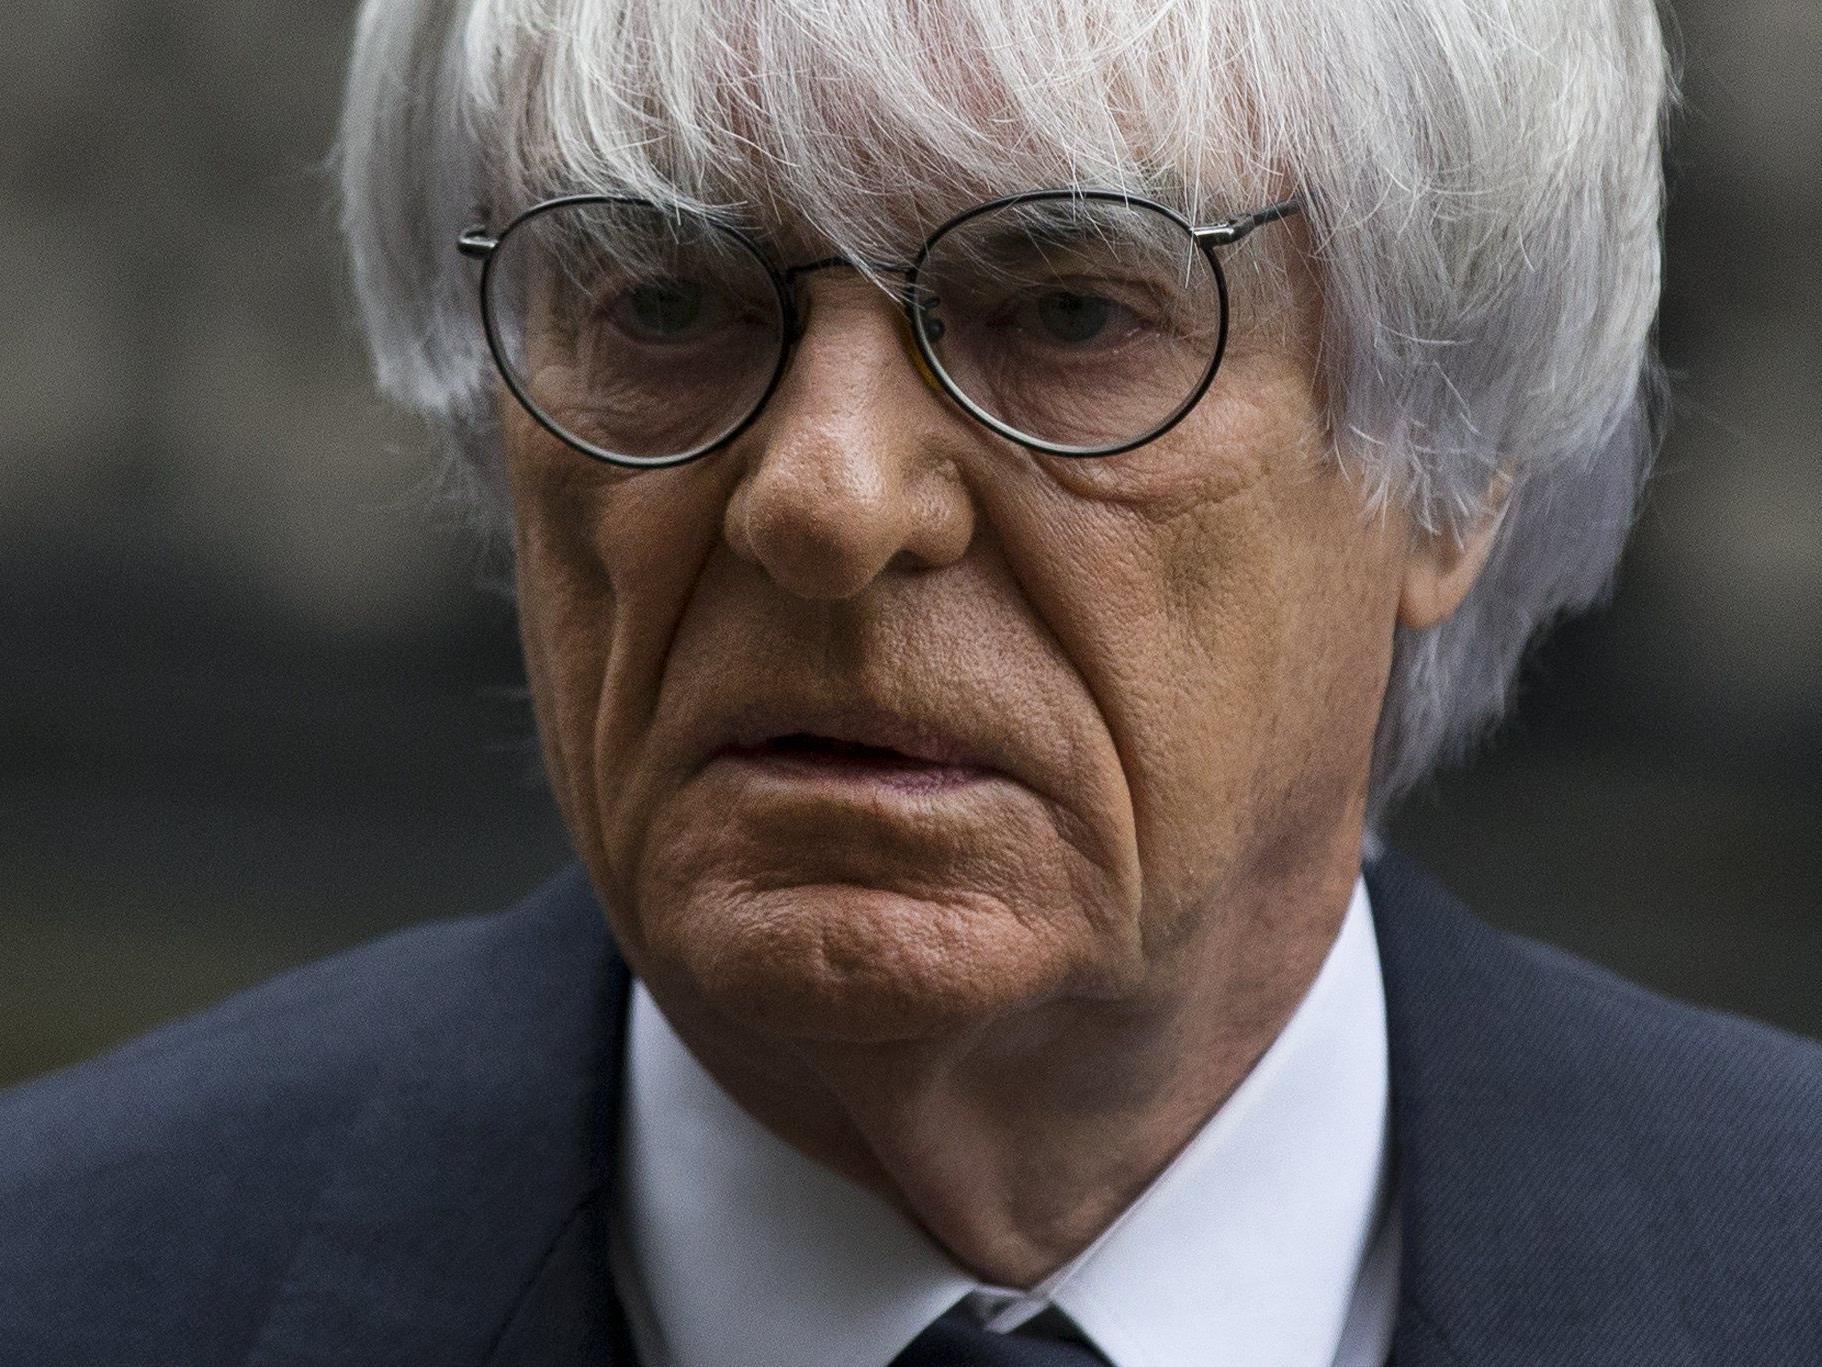 F1-Boss Bernie Ecclestone muss vor Gericht und scheint in Erklärungsnöten.